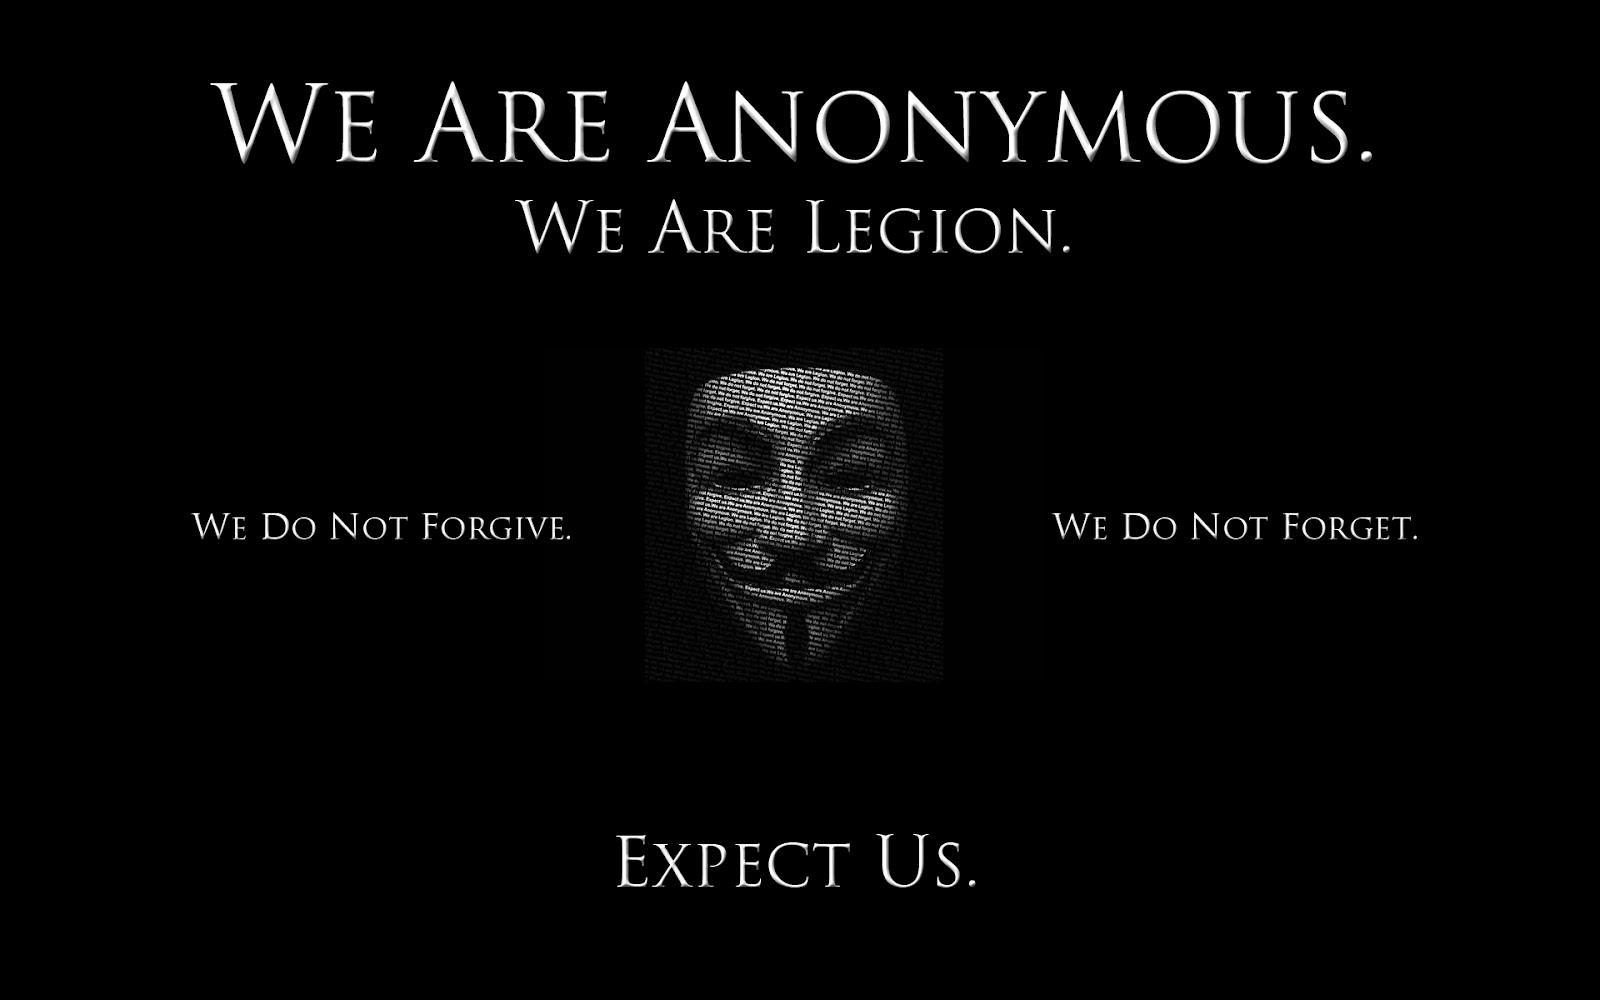 Um Melhor Esclarecimento da Ideia Anonymous